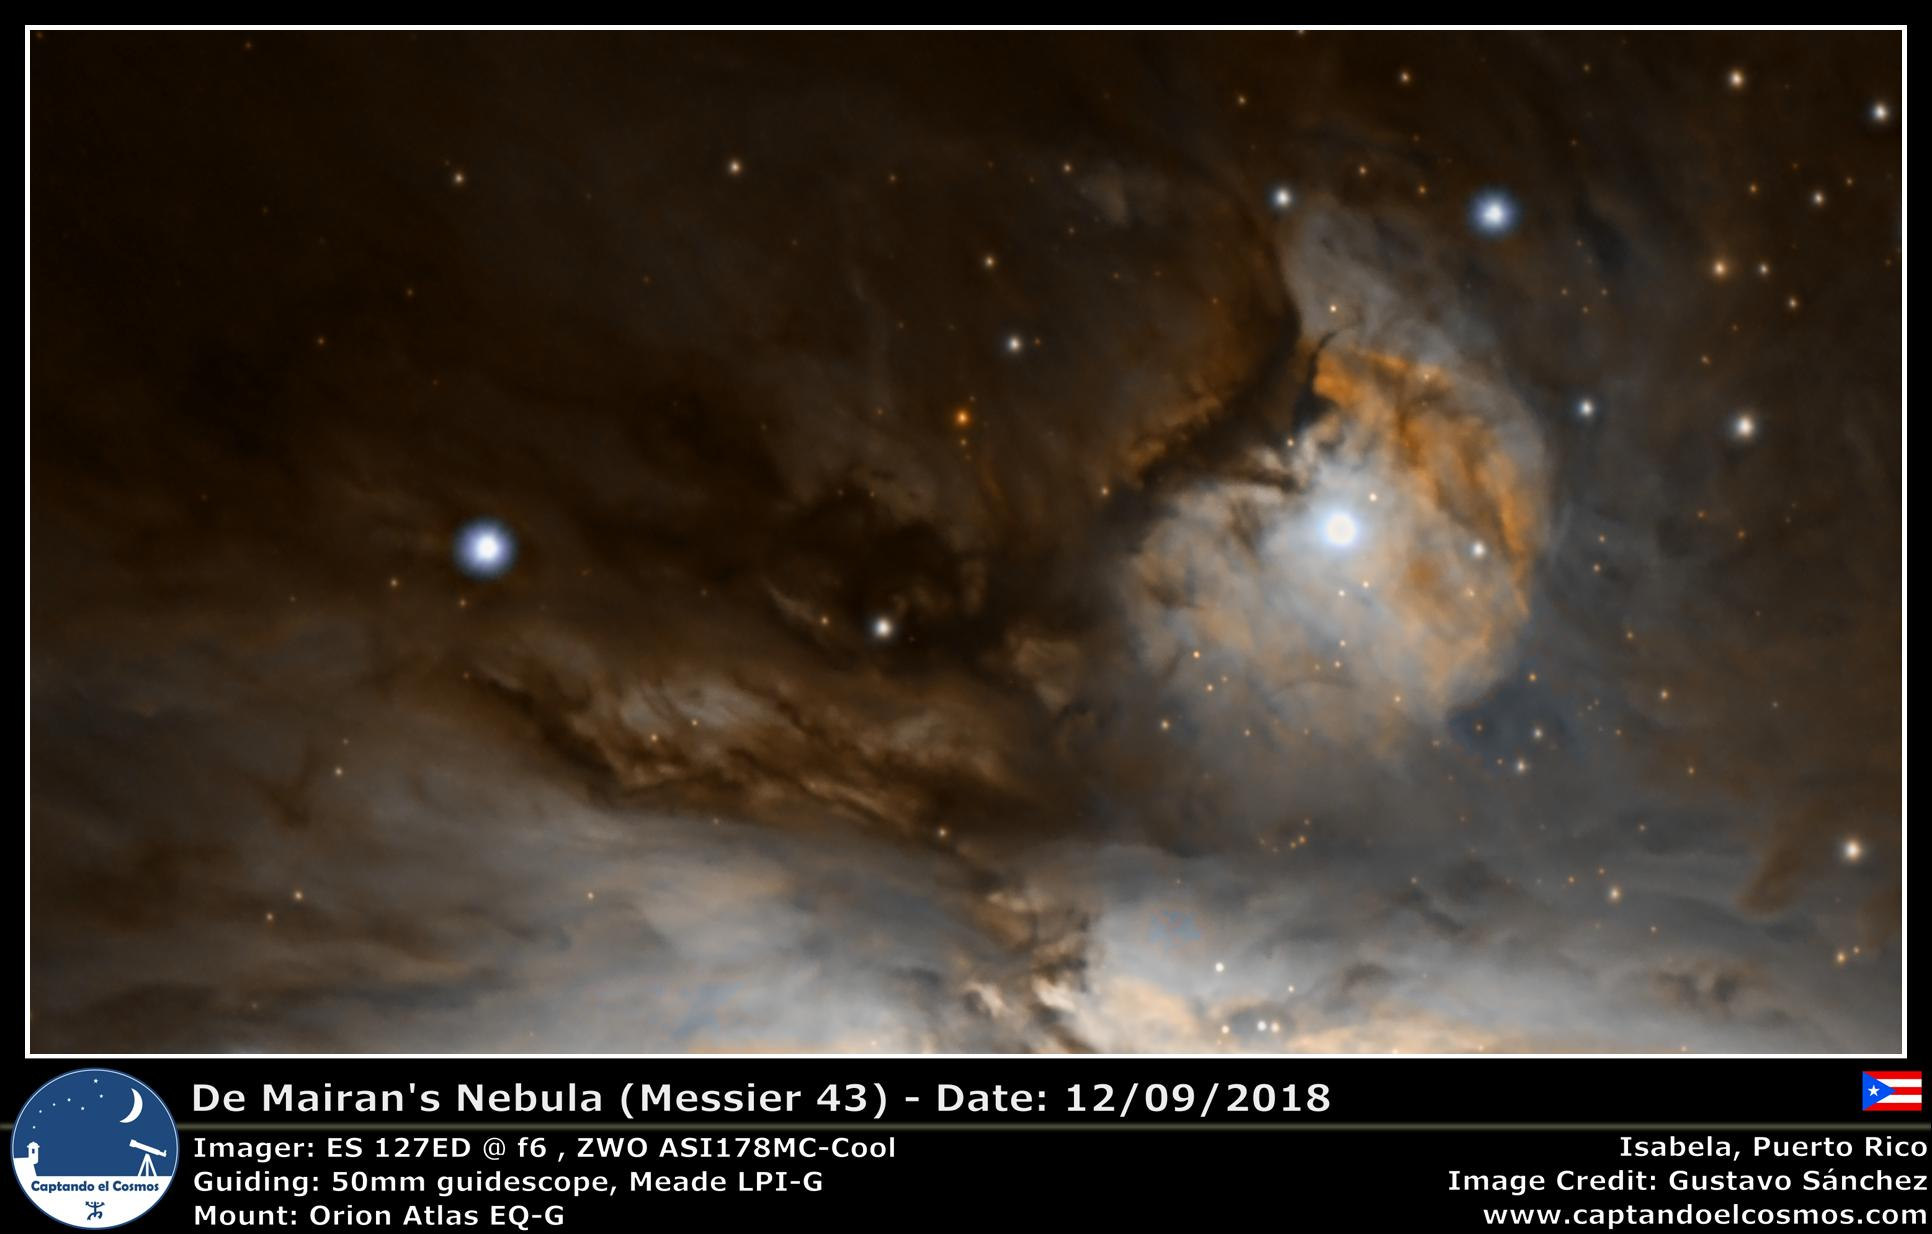 De Mairan's Nebula (Messier 43)